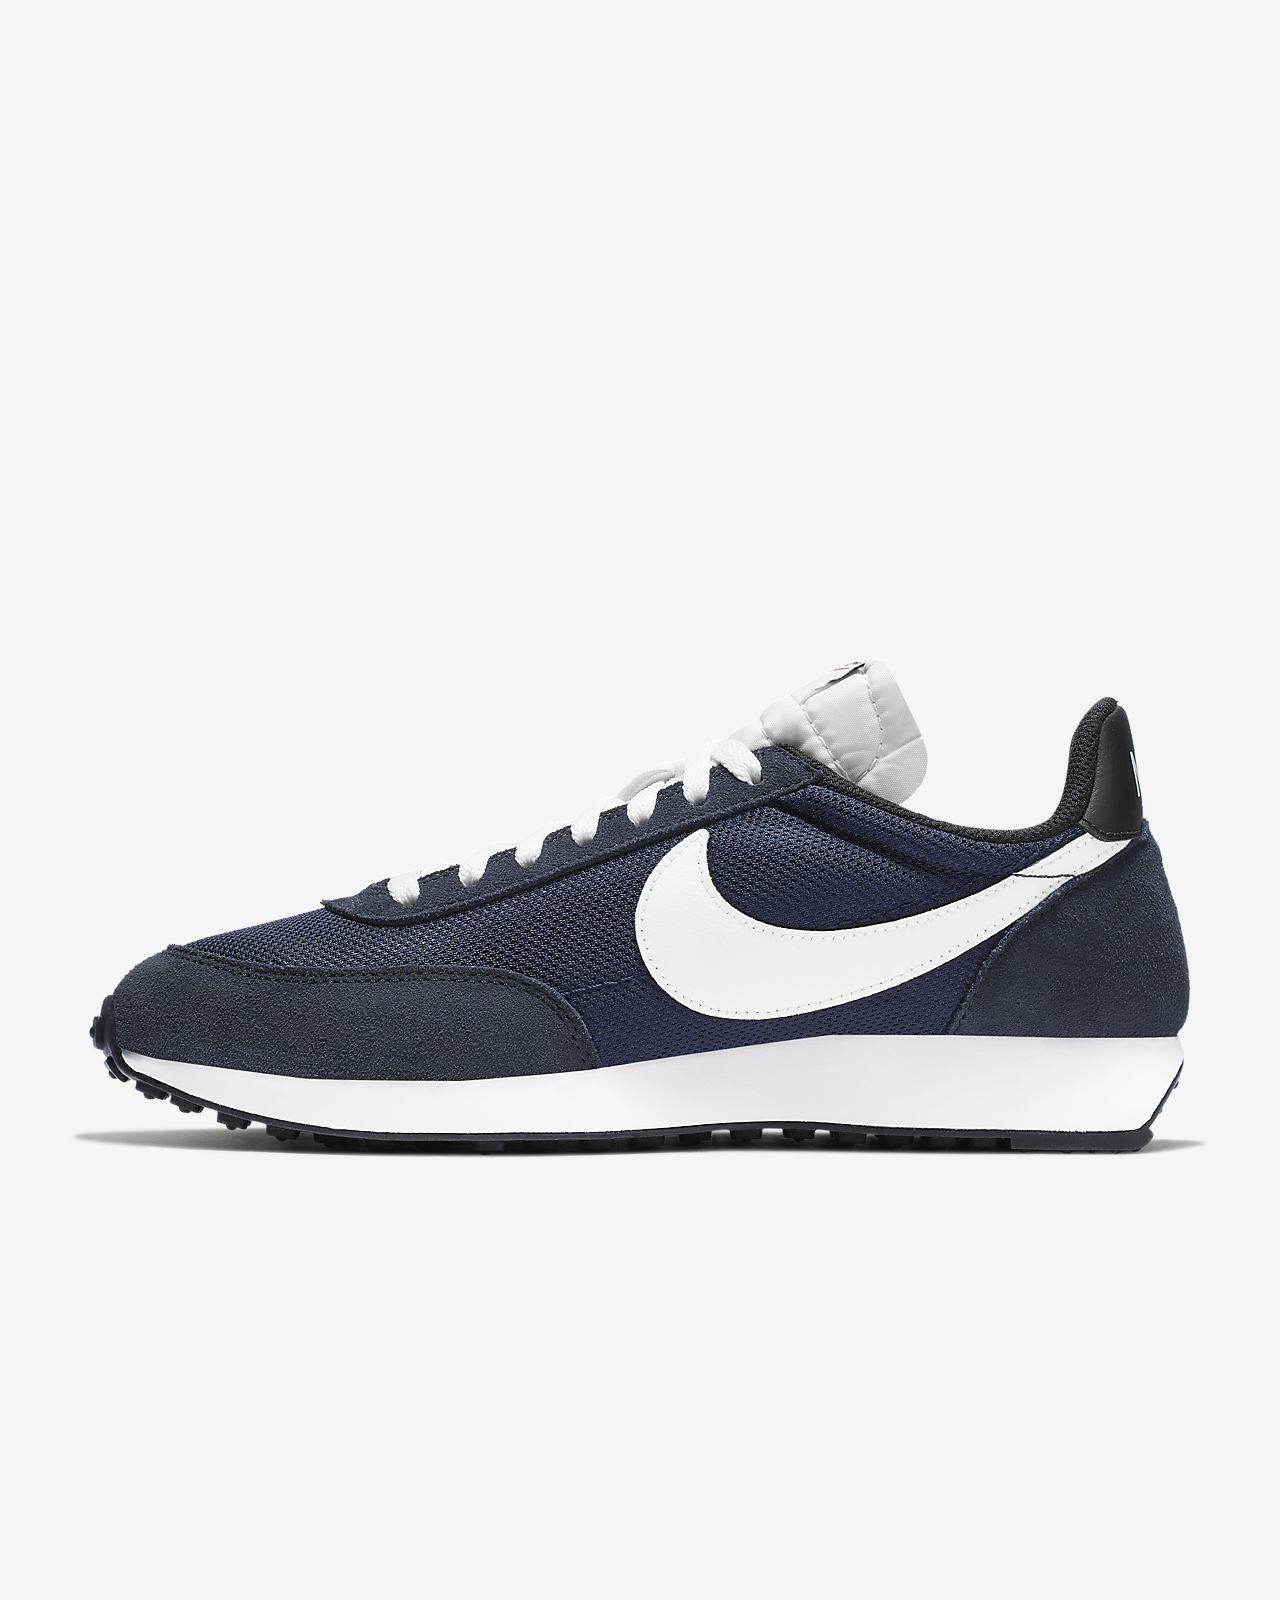 the best attitude 08f49 8dee3 ... Nike Air Tailwind 79 Men s Shoe